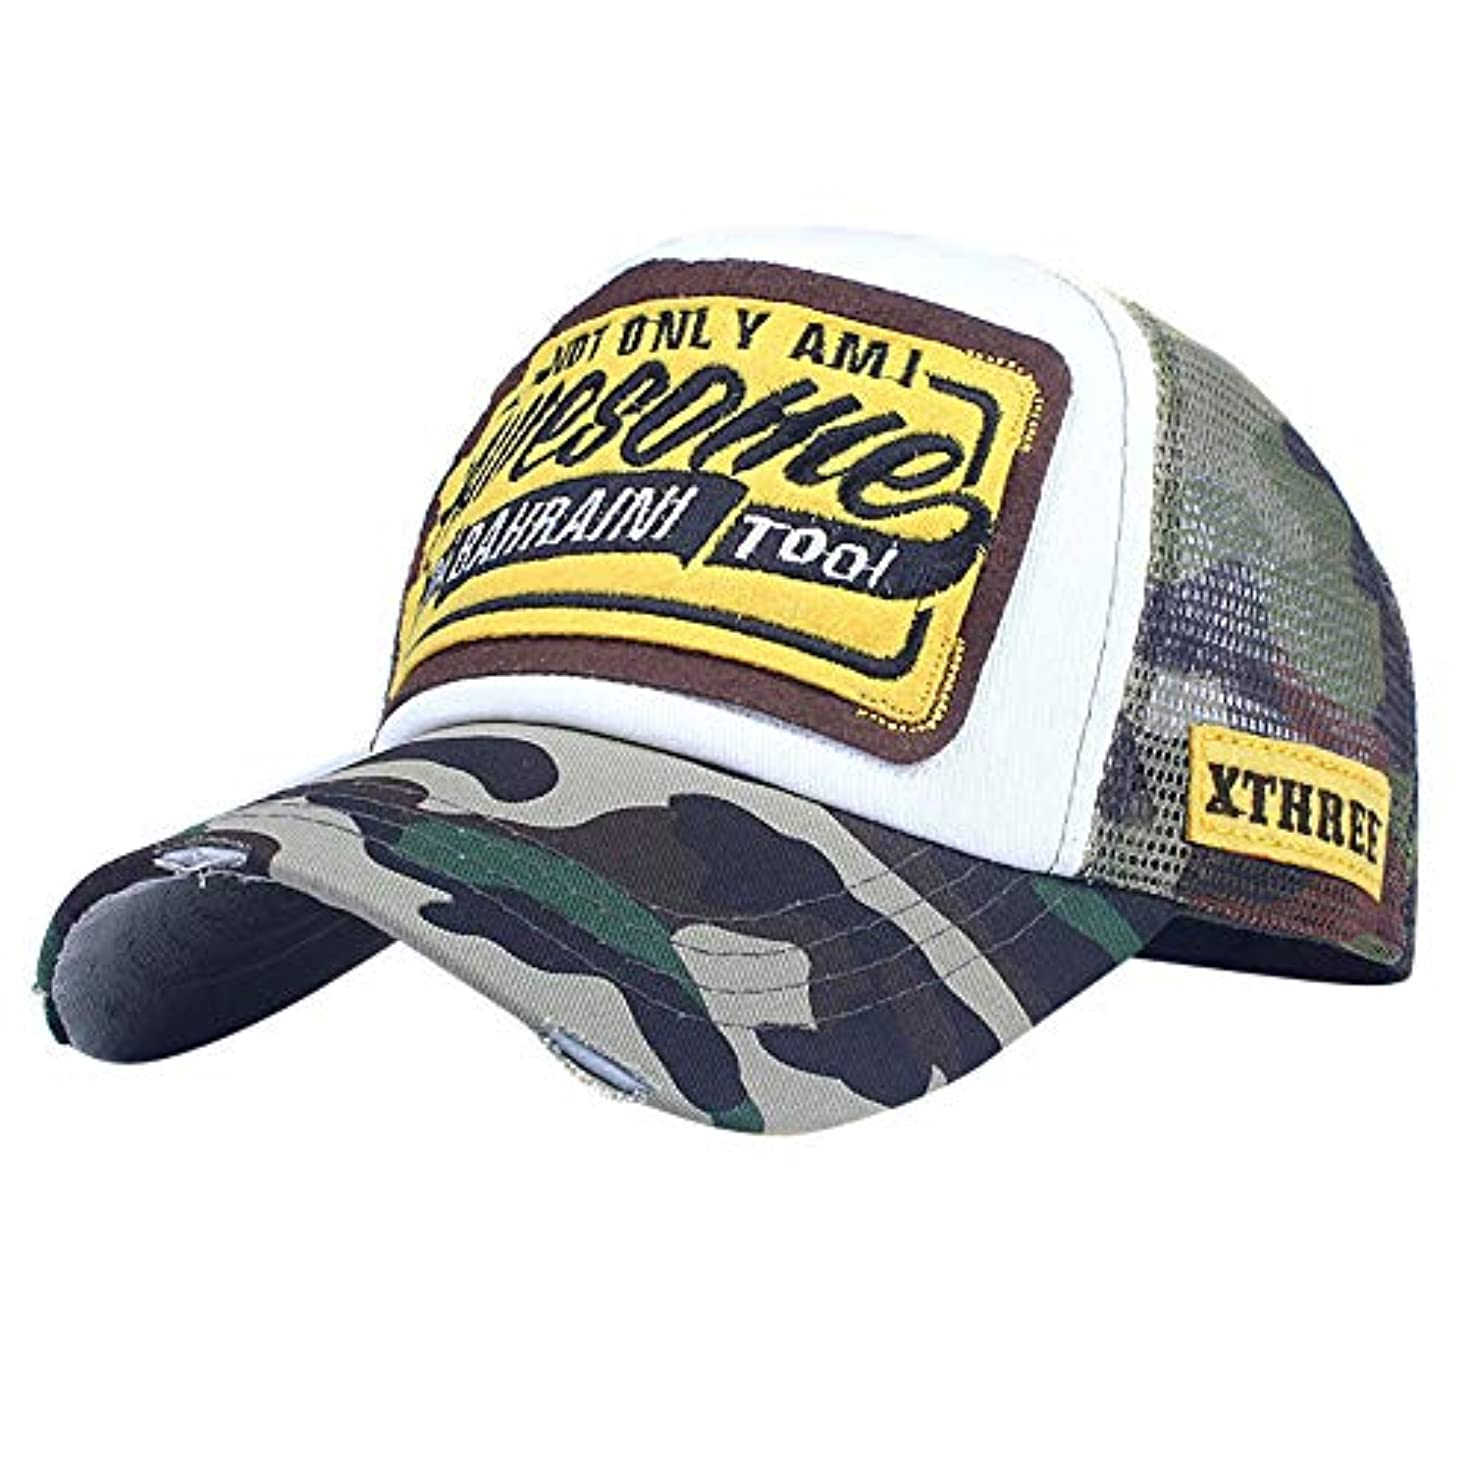 見つけるガード恐竜Racazing カモフラージュ 野球帽 ヒップホップ メンズ 夏 登山 帽子 迷彩 可調整可能 プラスベルベット 棒球帽 UV 帽子 UVカット軽量 屋外 Unisex 鸭舌帽 Hat Cap